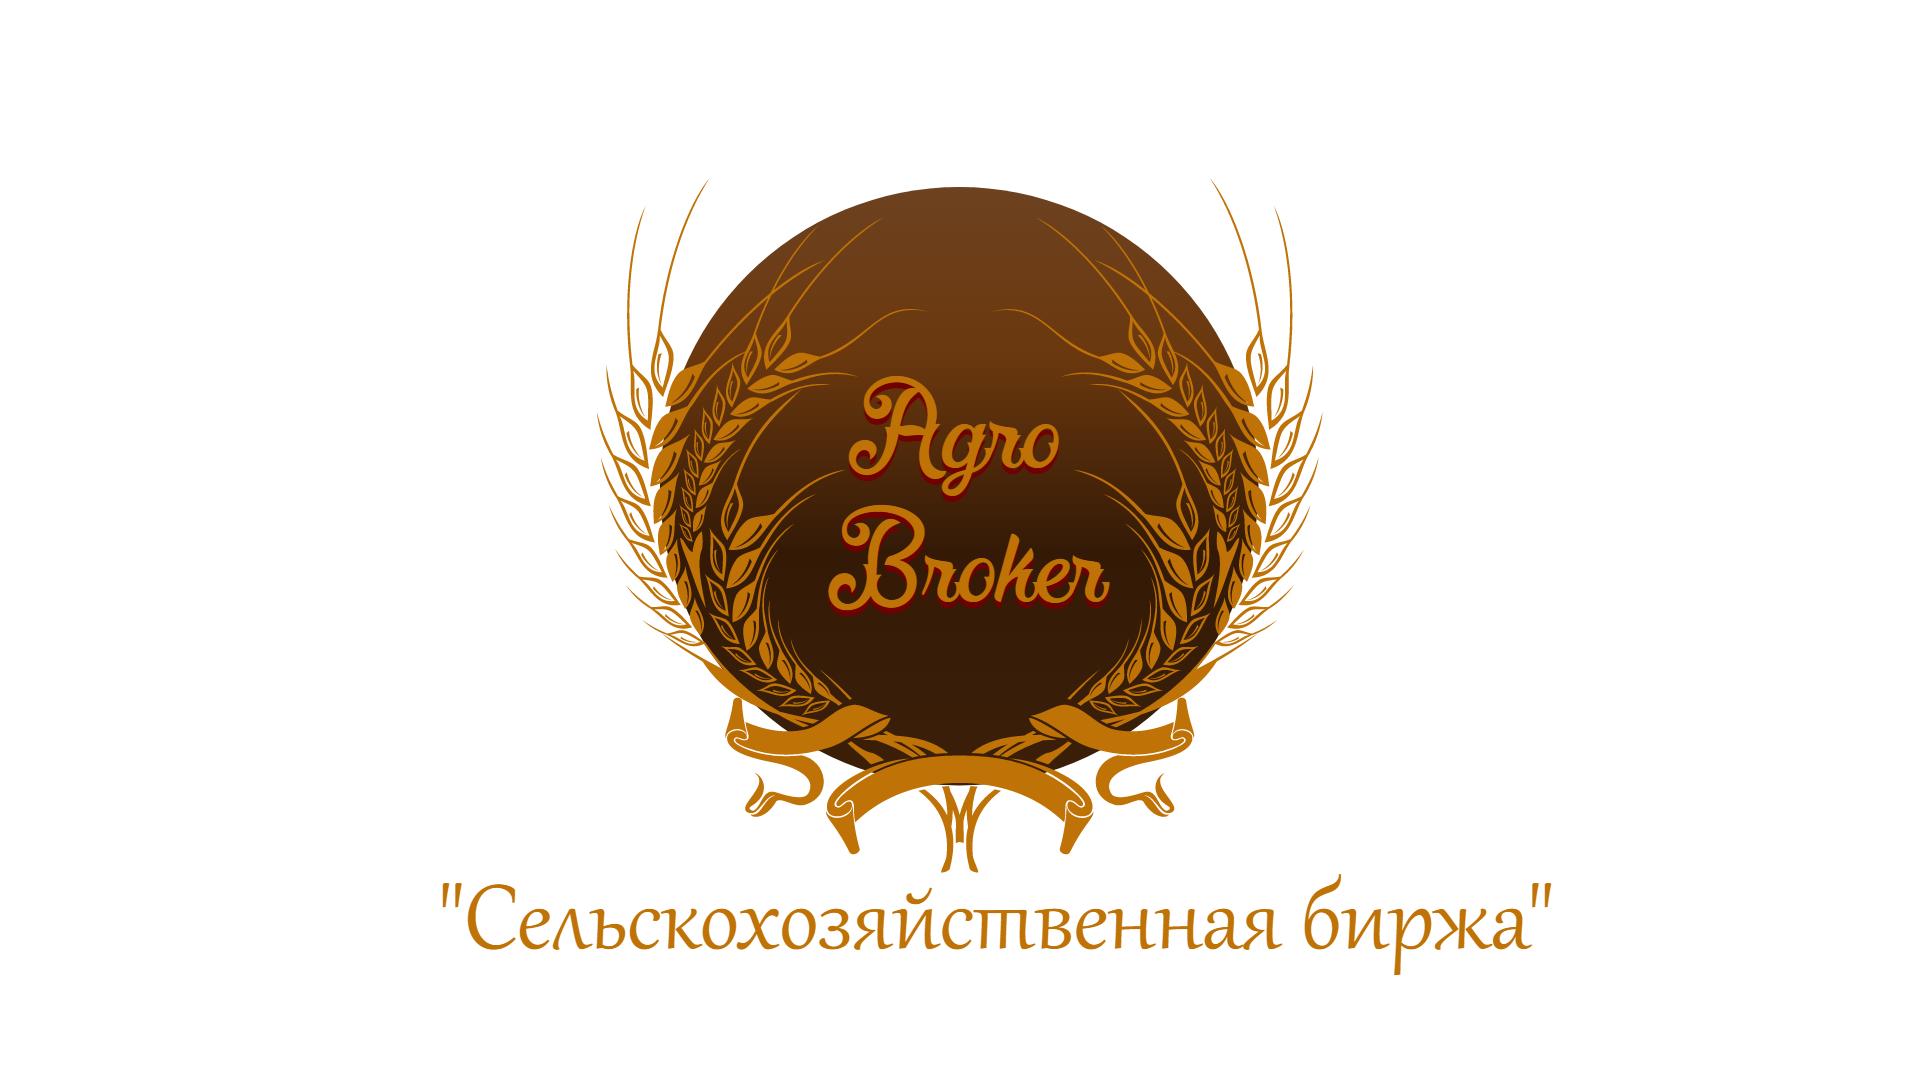 ТЗ на разработку пакета айдентики Agro.Broker фото f_42959666164c7bd7.png